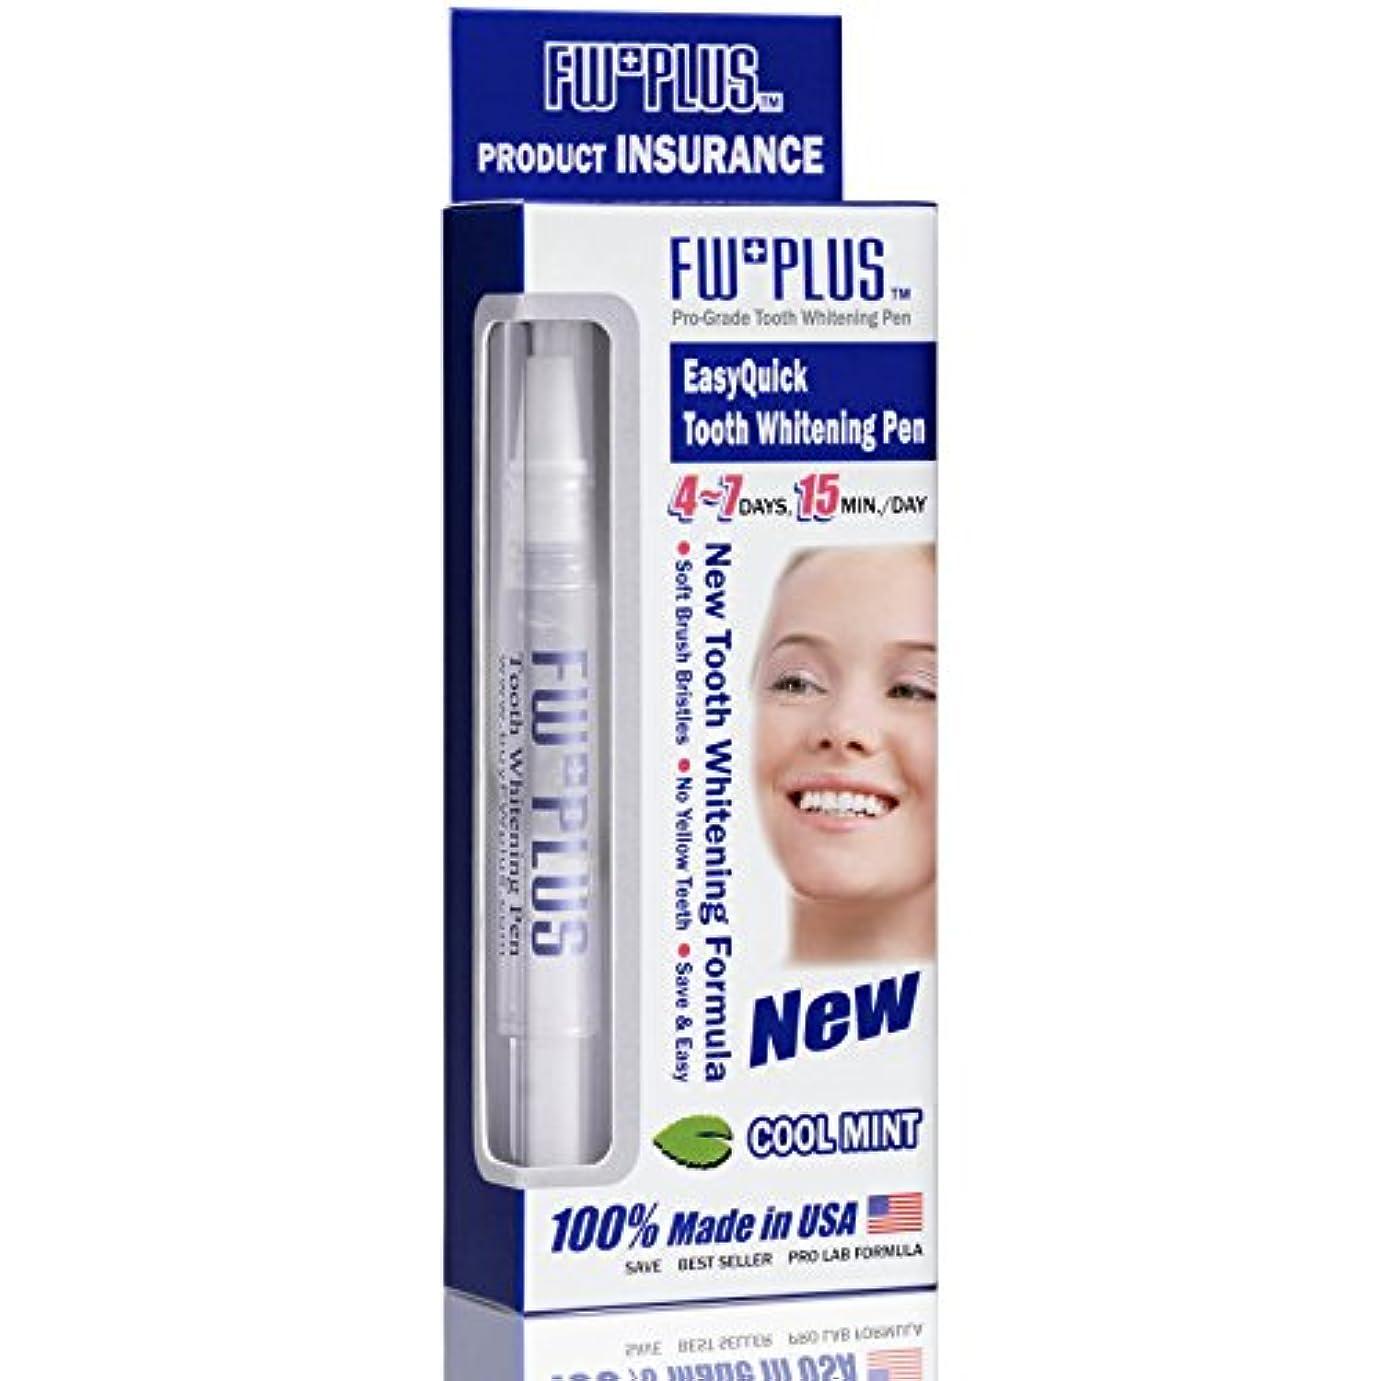 少ない胃追加するFW+PLUS菲斯華 歯を白くする 簡単即効ホーム歯ホワイトニングペン 歯ホワイトニング 人気 歯ホワイトニング ジェル